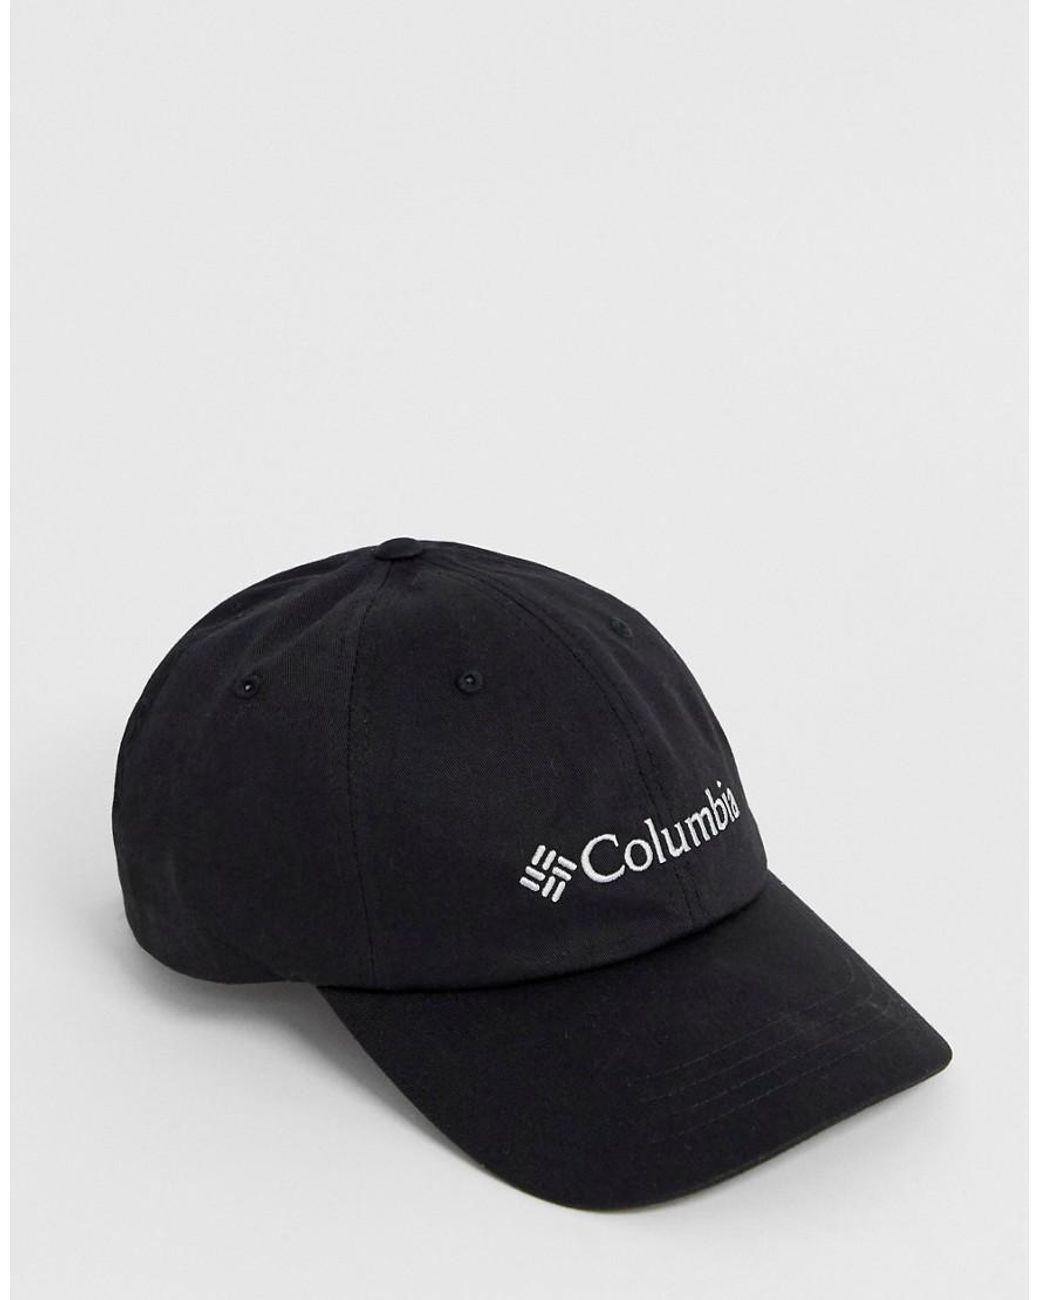 69247fd44 Men's Roc Ii Adjustable Cap In Black